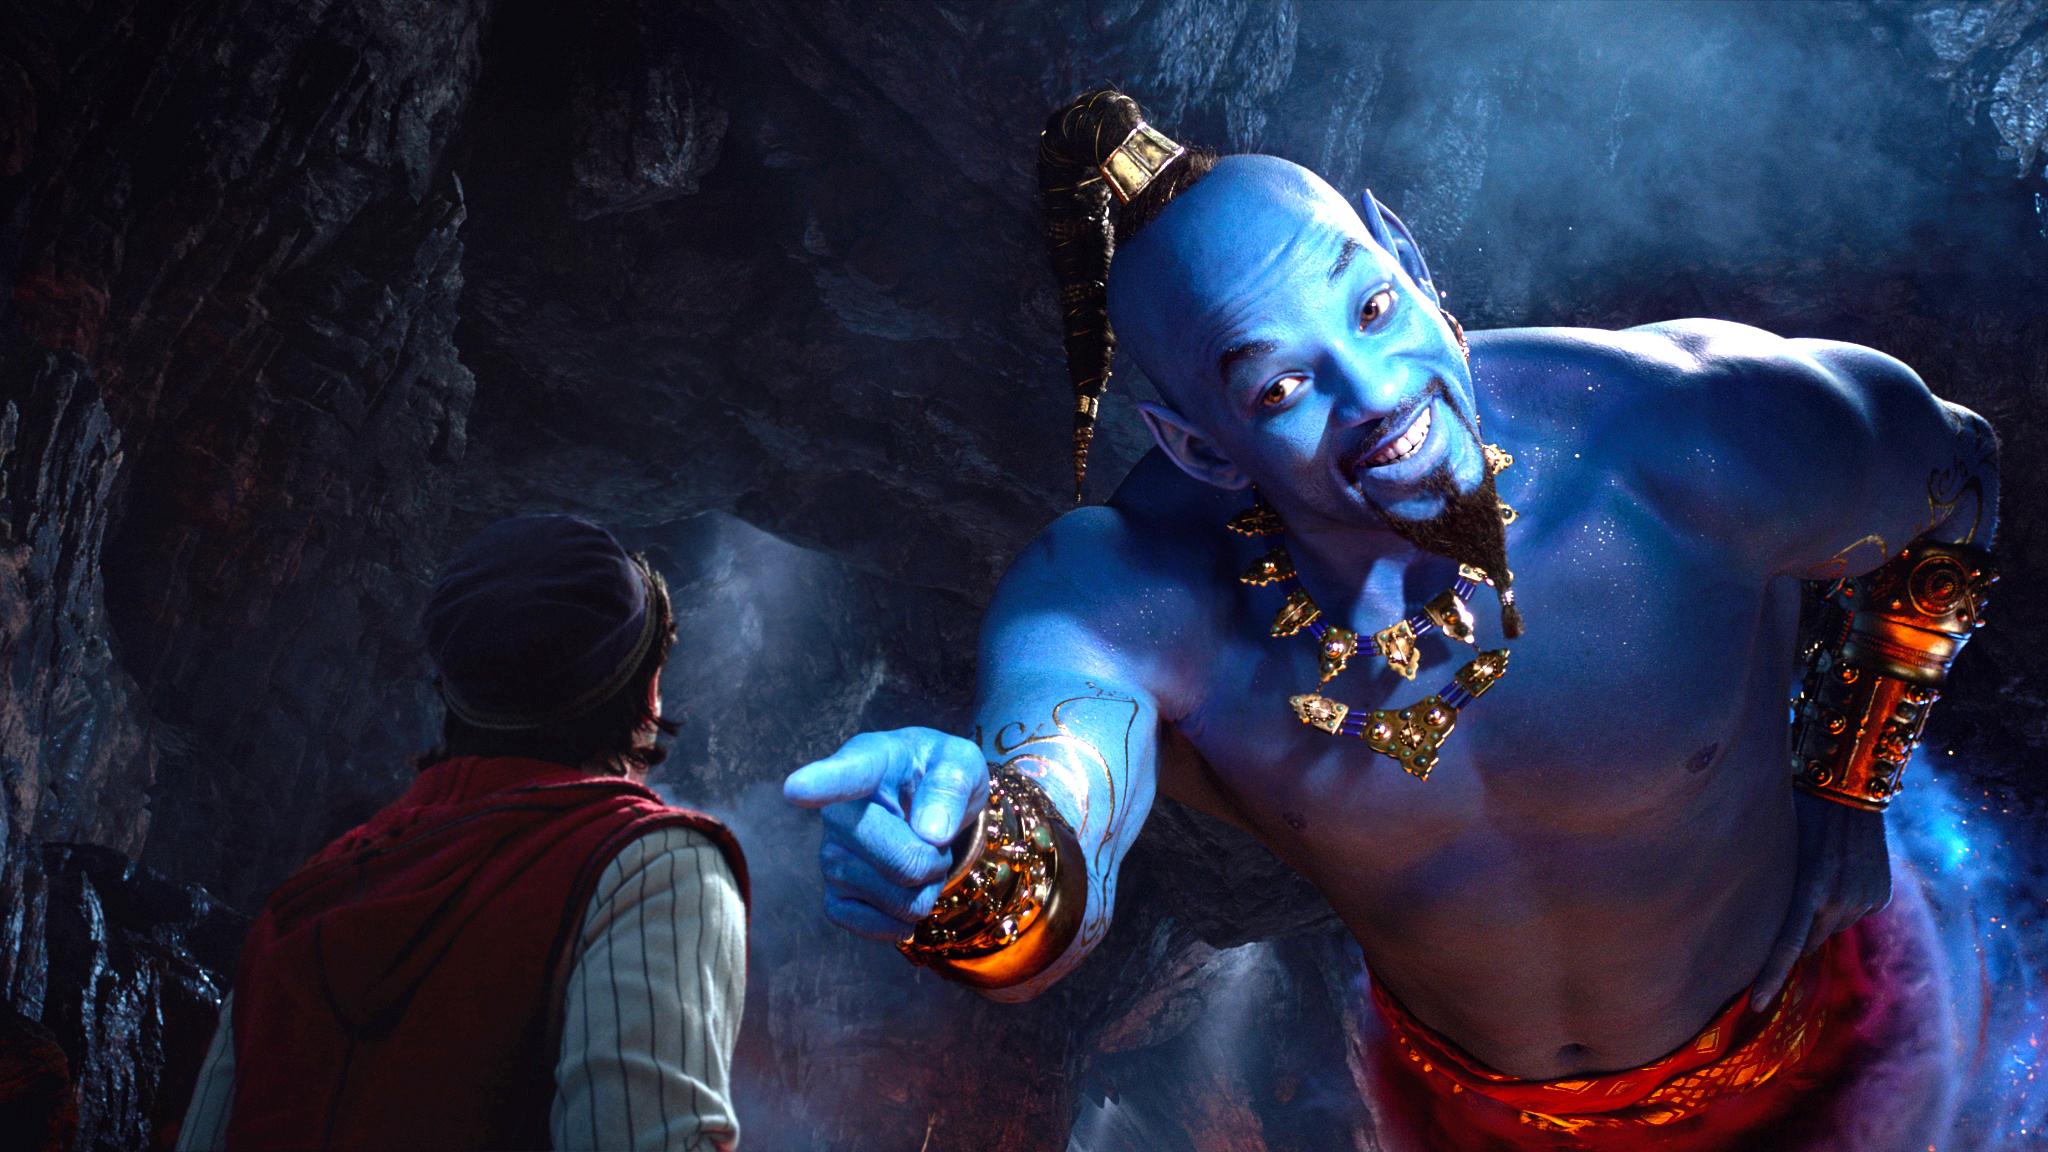 15 ფილმი, რომლებსაც 2019 წელს კინომოყვარულები გულისფანცქალით ელოდებიან